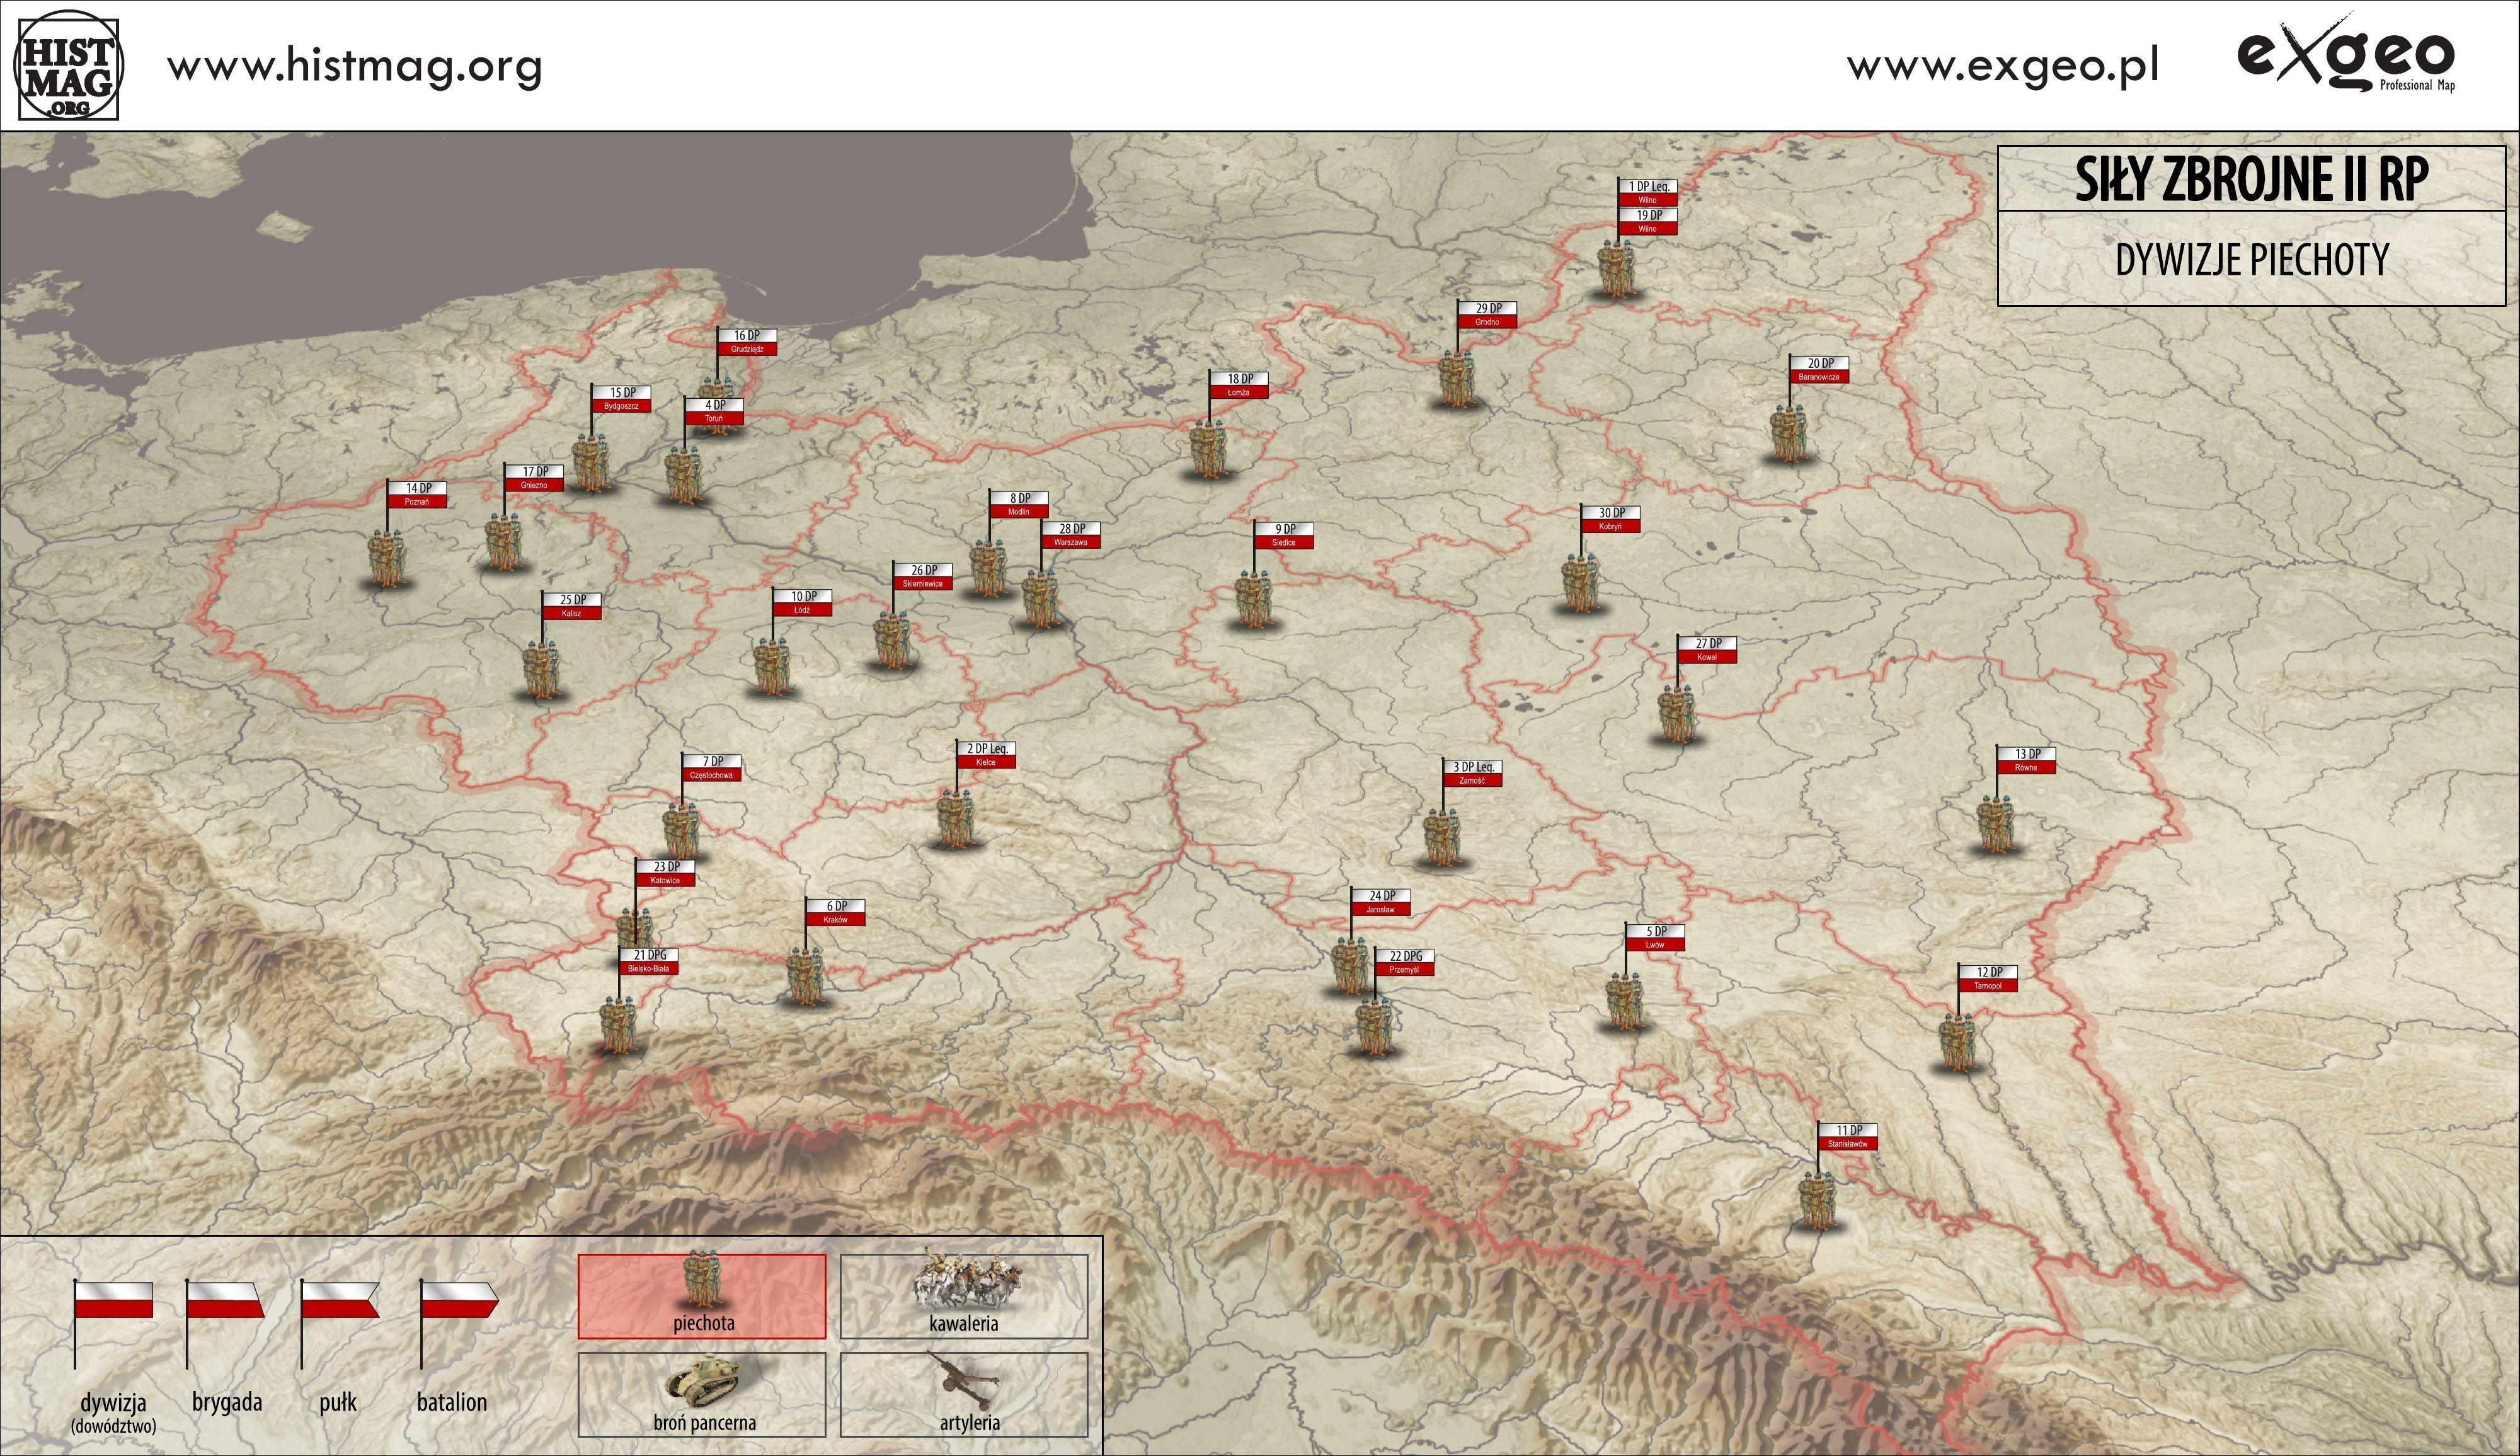 Wojsko W Ii Rp Mapy Portal Historyczny Histmagorg Historia